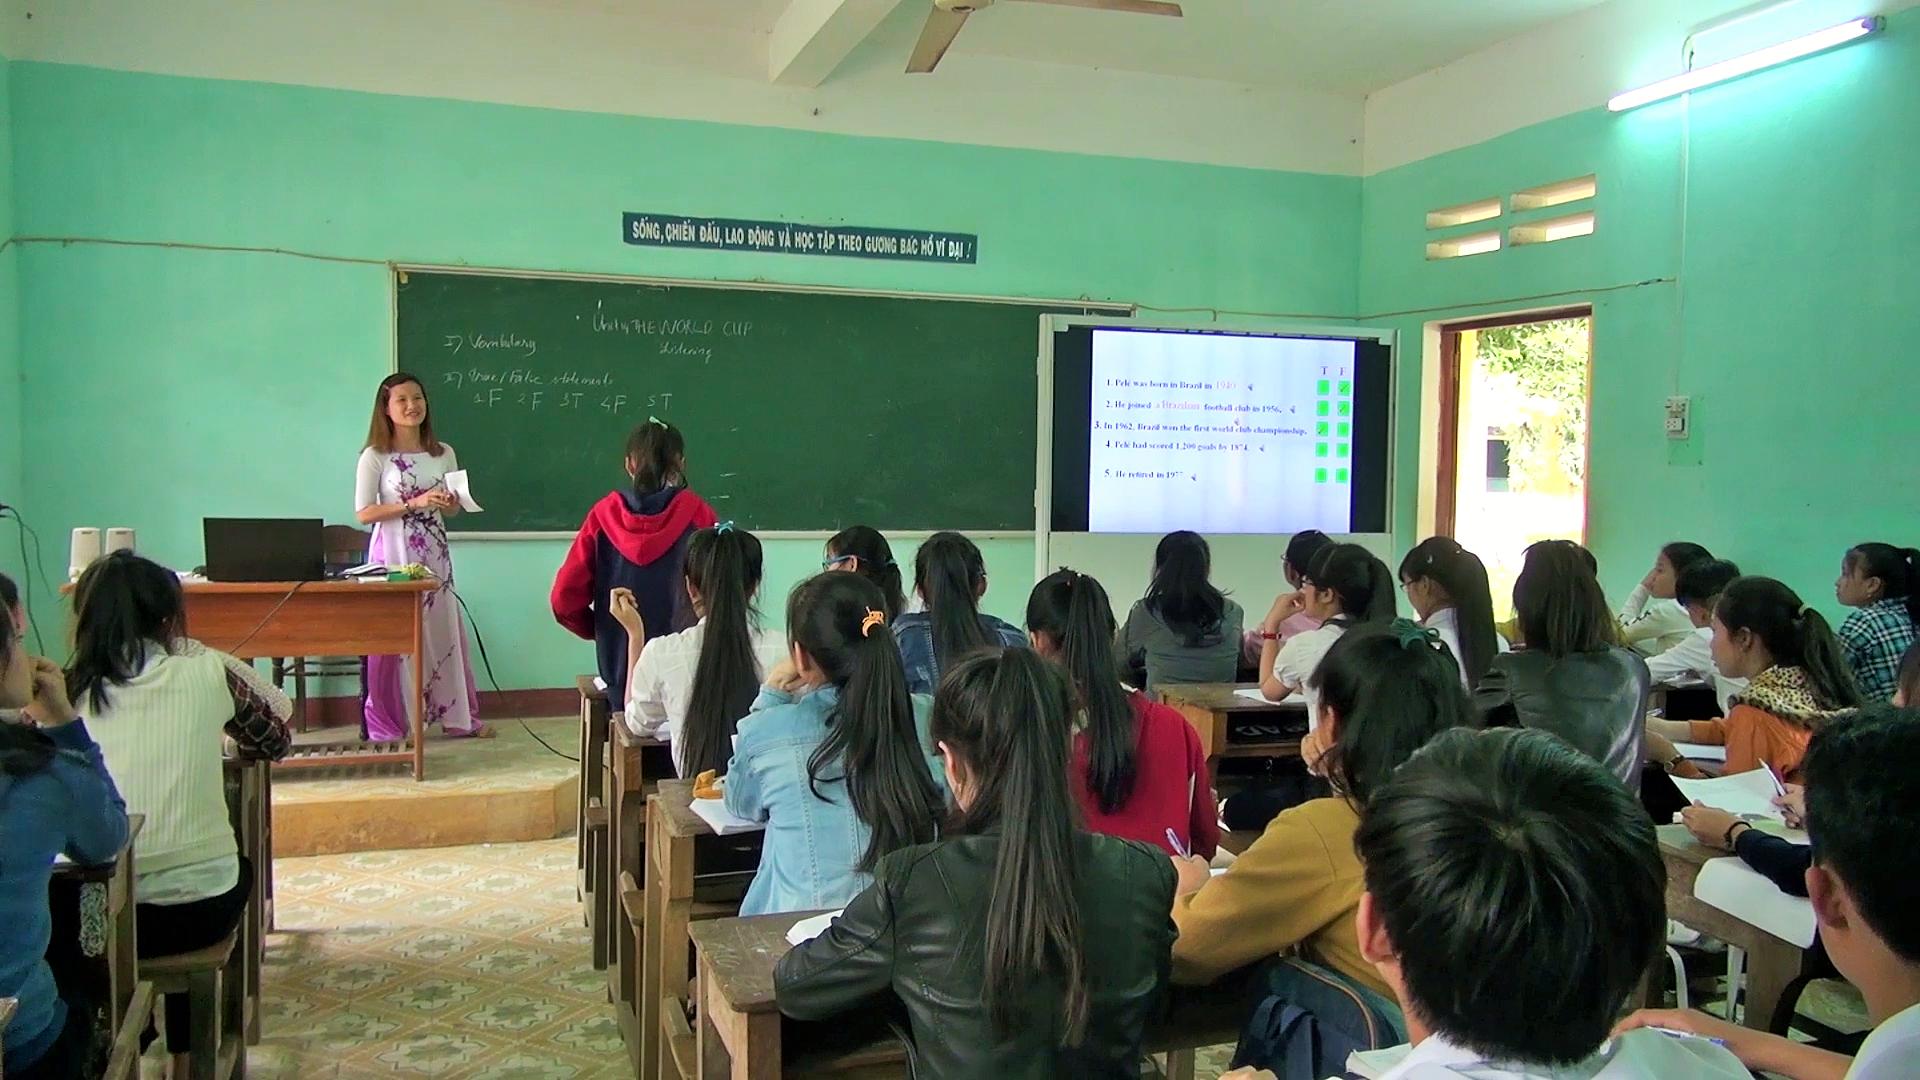 Sử dụng CNTT trong dạy học đã trở nên phổ biến tại các trường phổ thông hiện nay. Ảnh: A.N